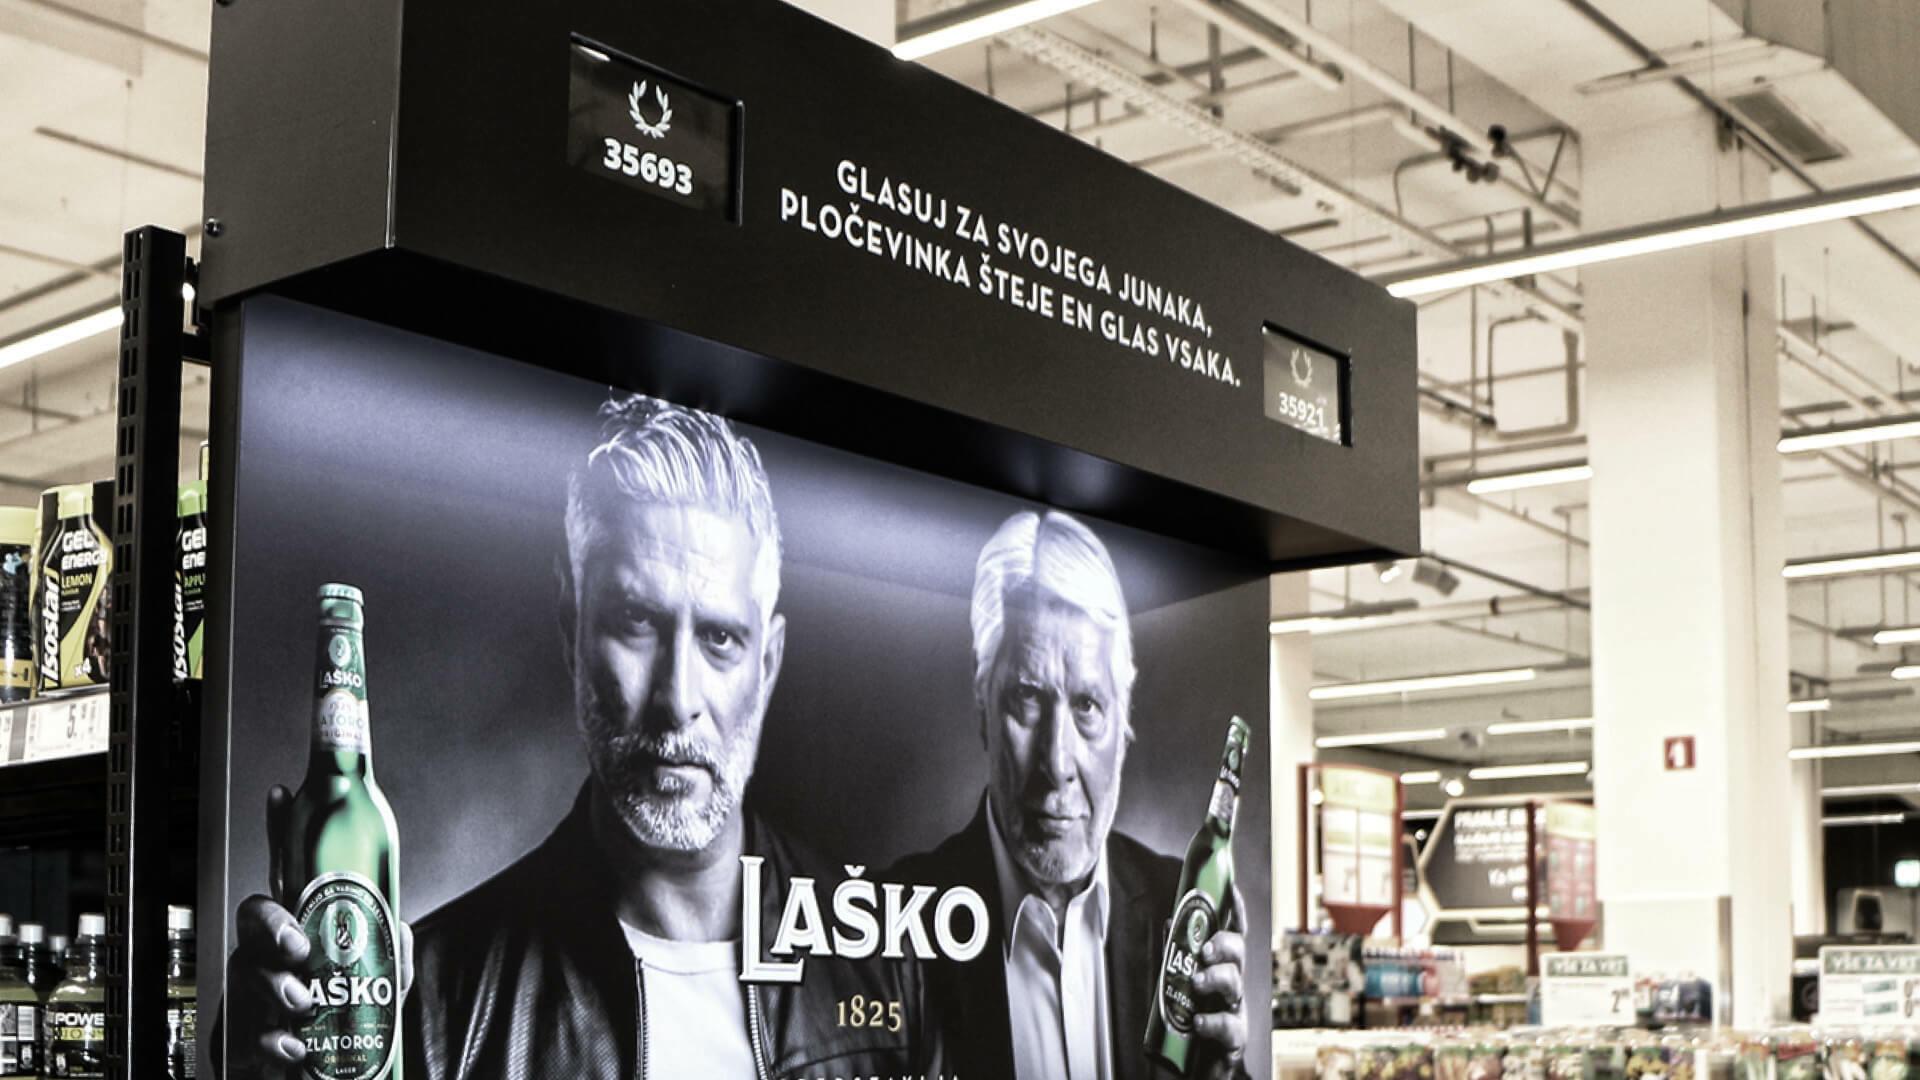 Laško - Dvoboj na prodajnih policah